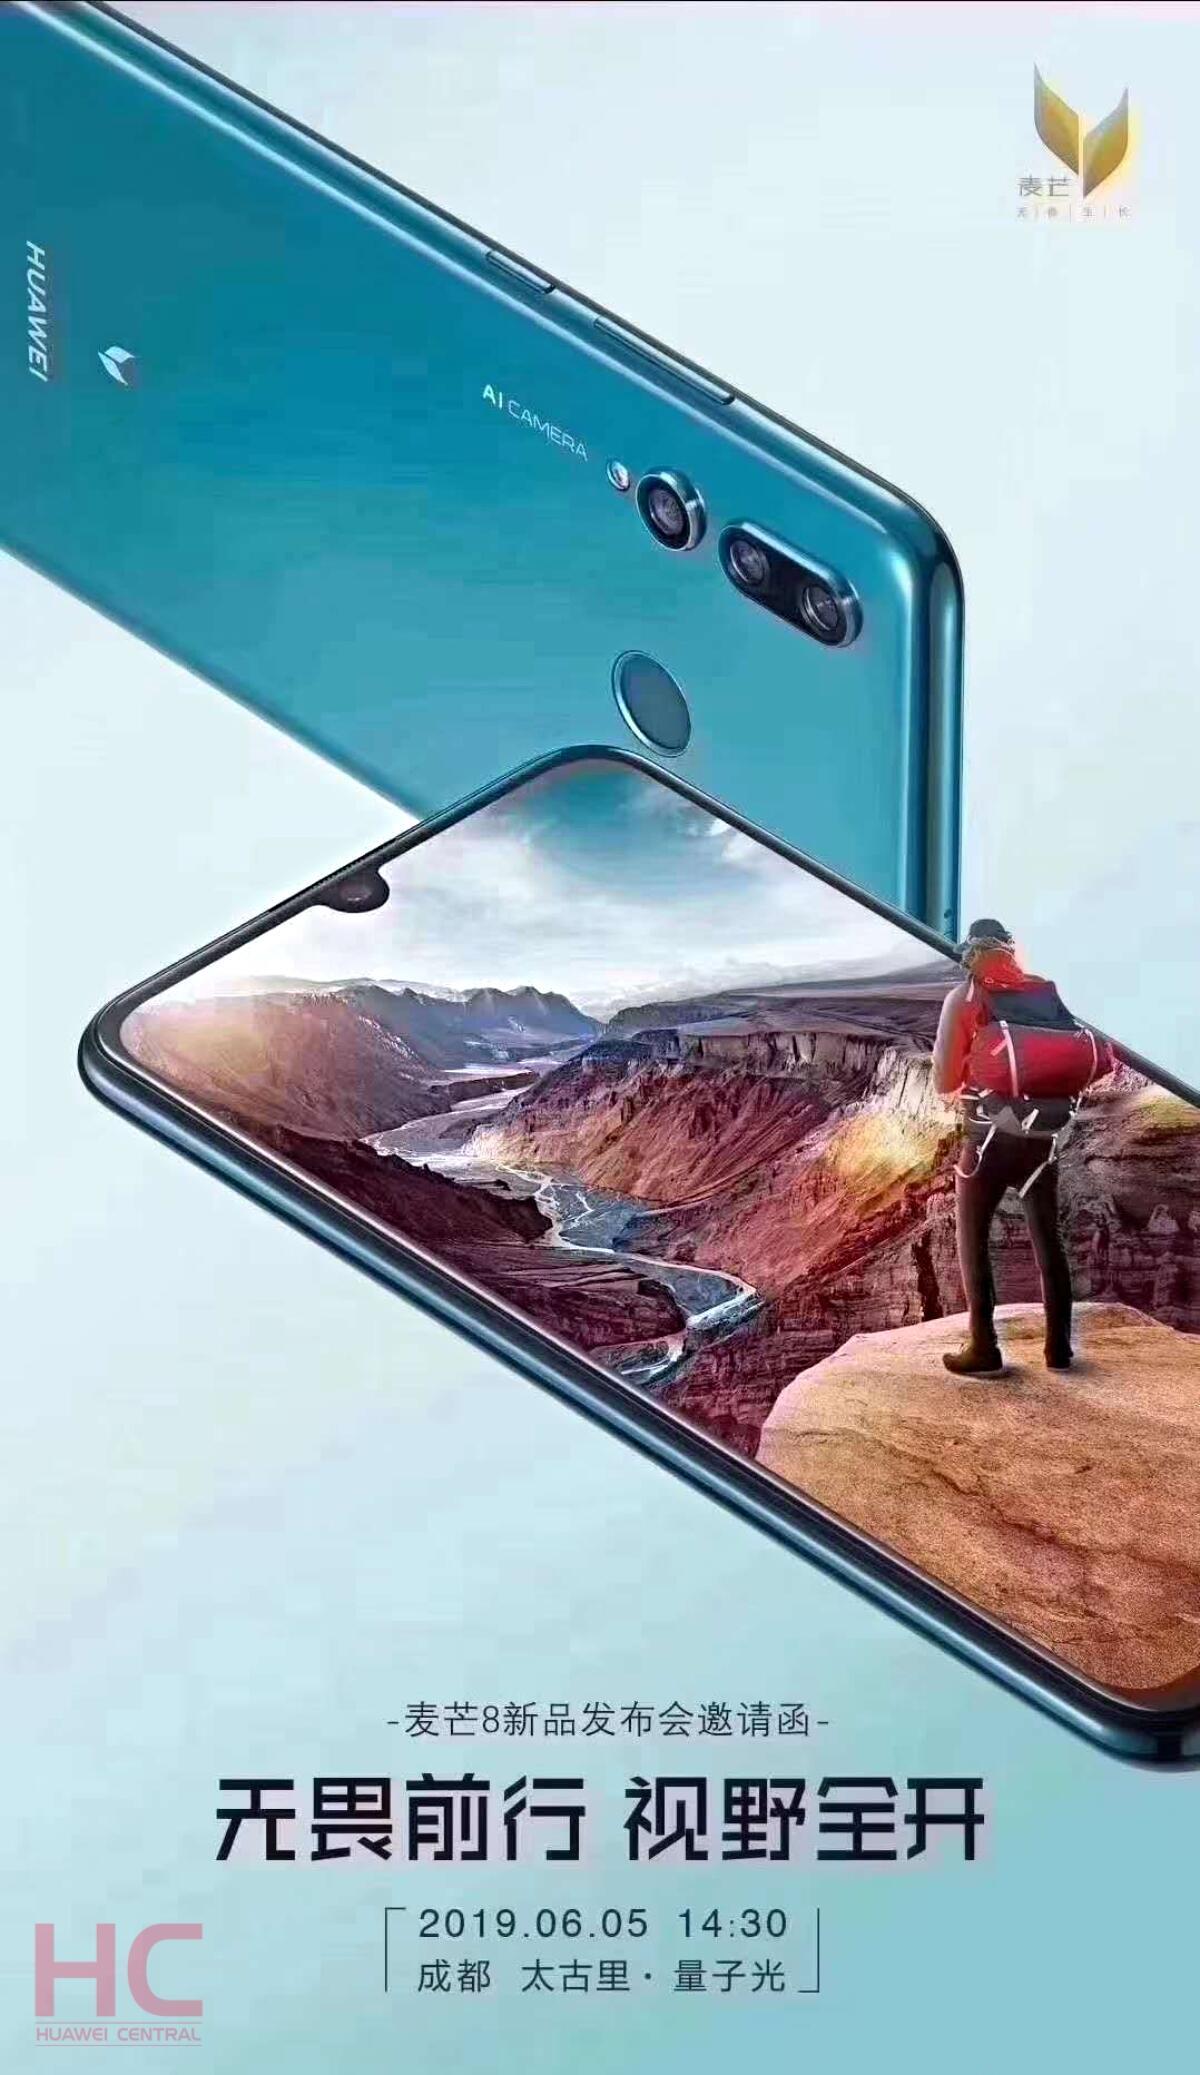 Huawei Mate 30 Lite Event